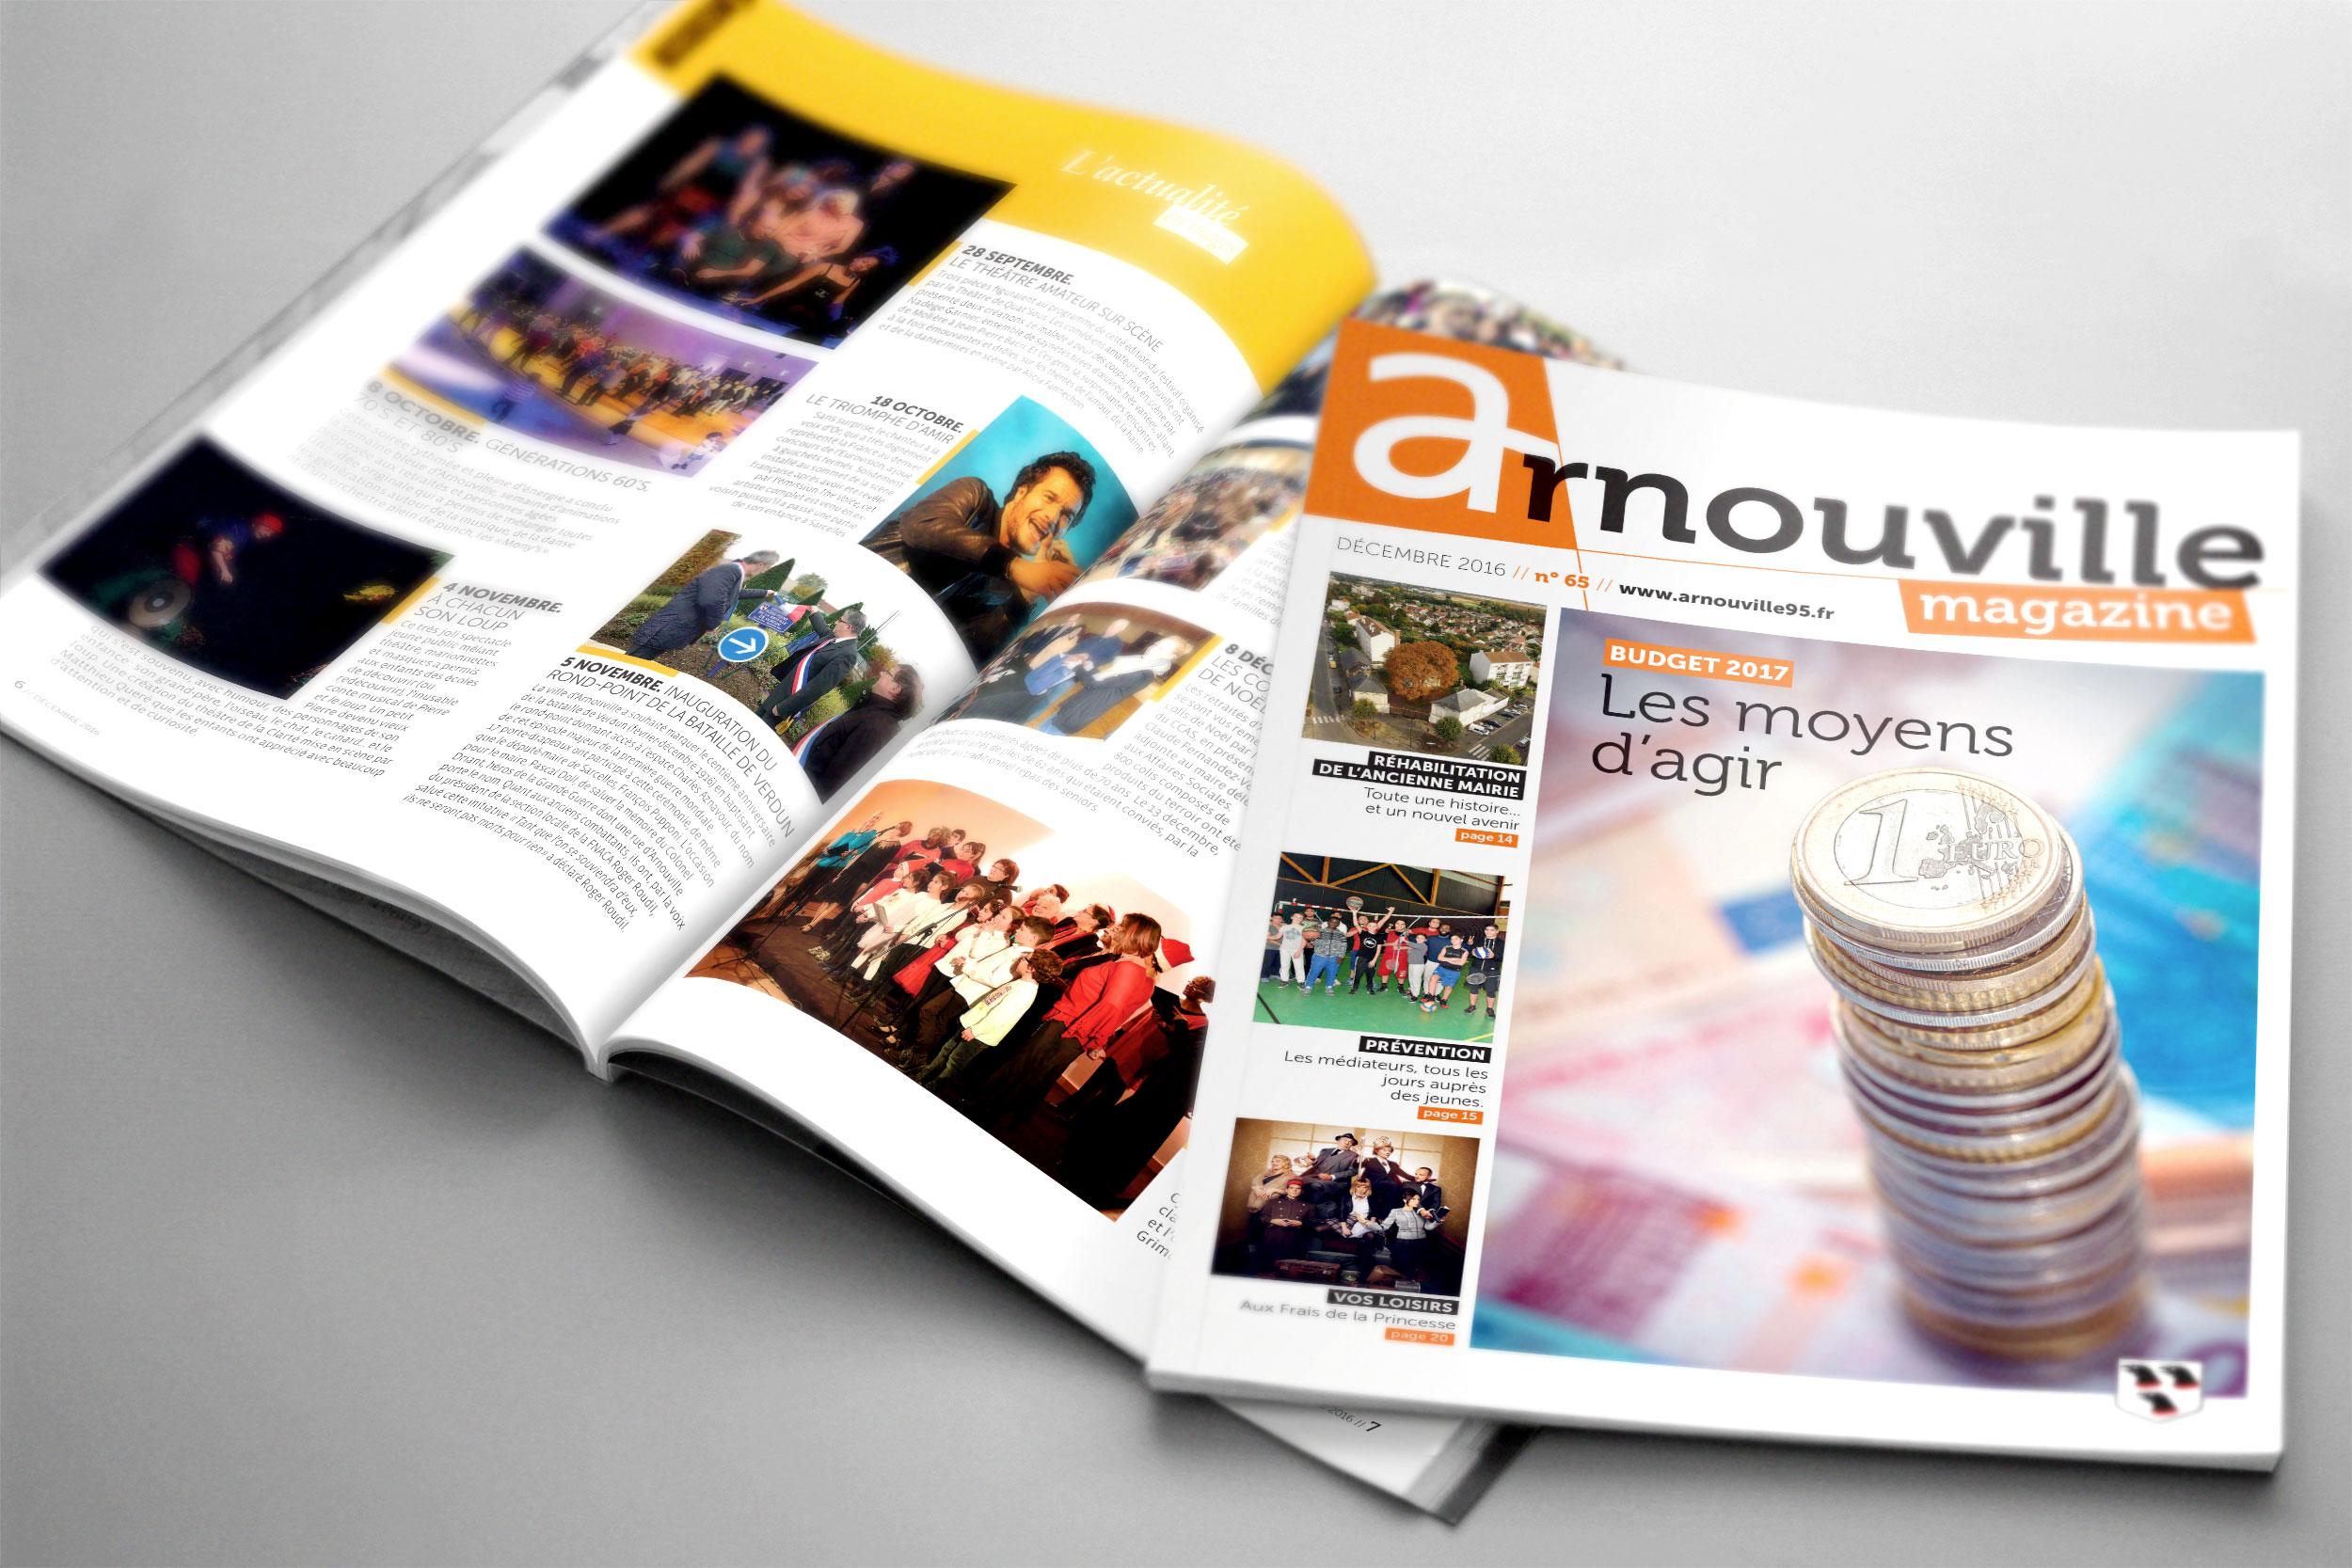 Magazine municipal « Arnouville magazine »